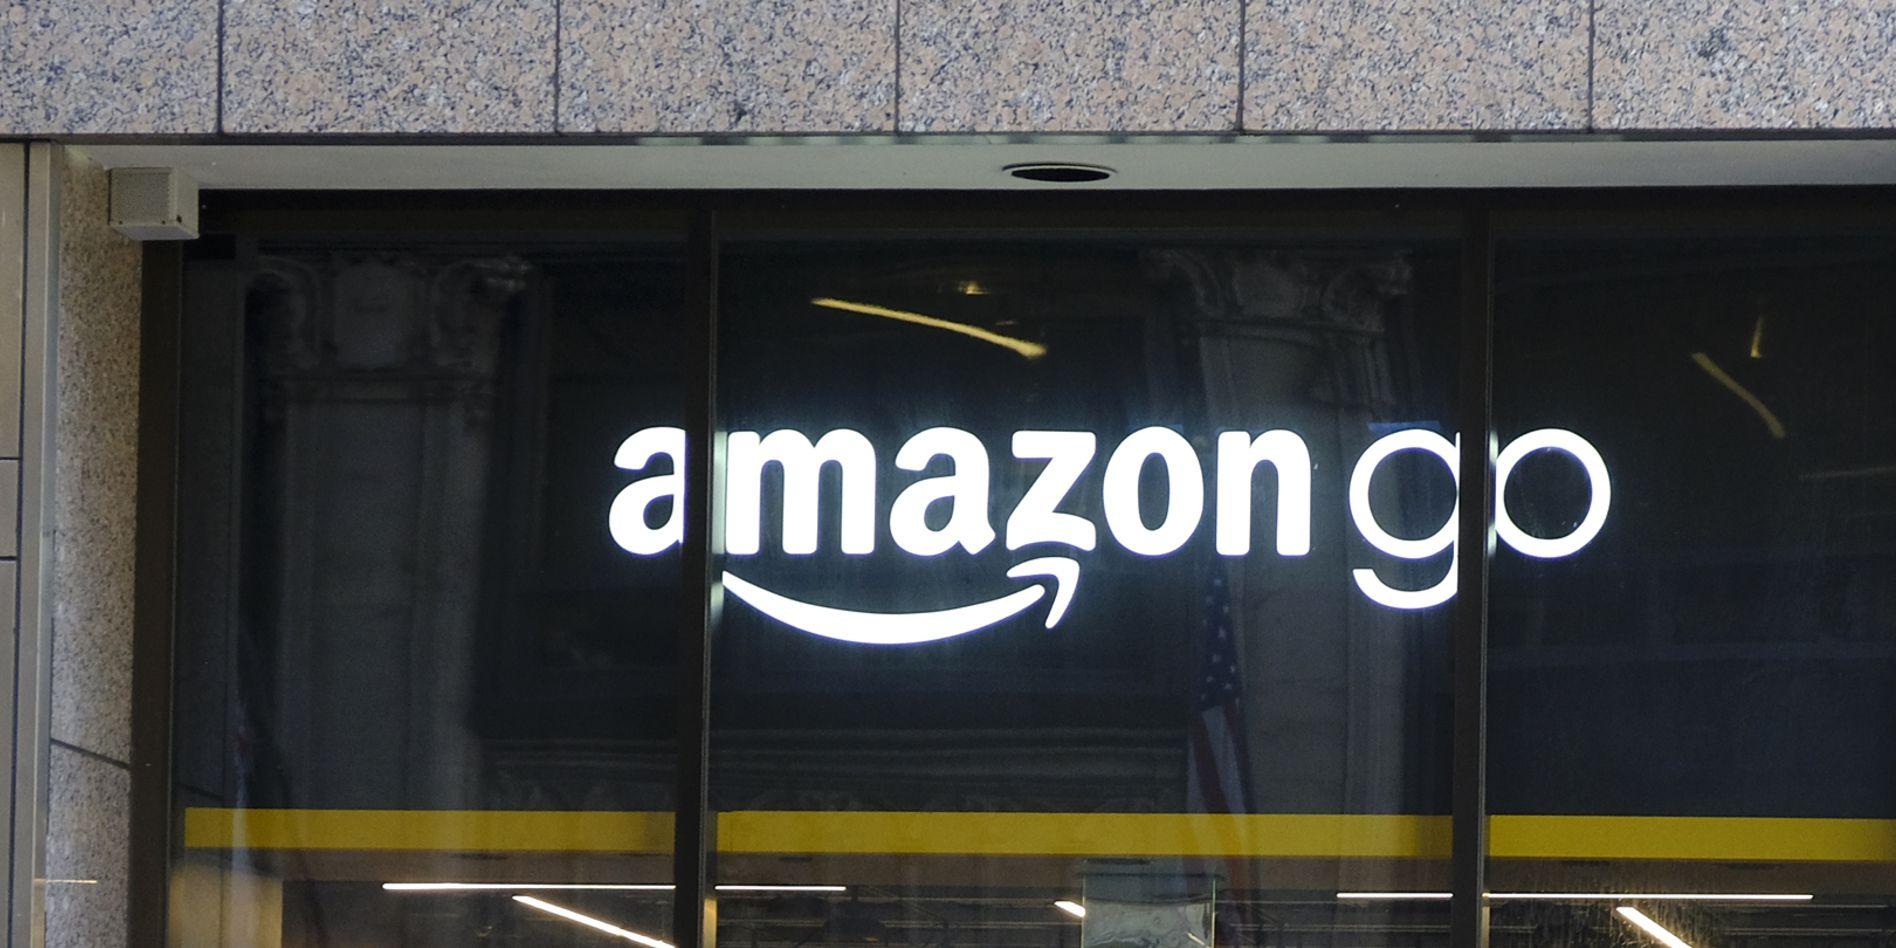 Amazon ditches New York headquarters